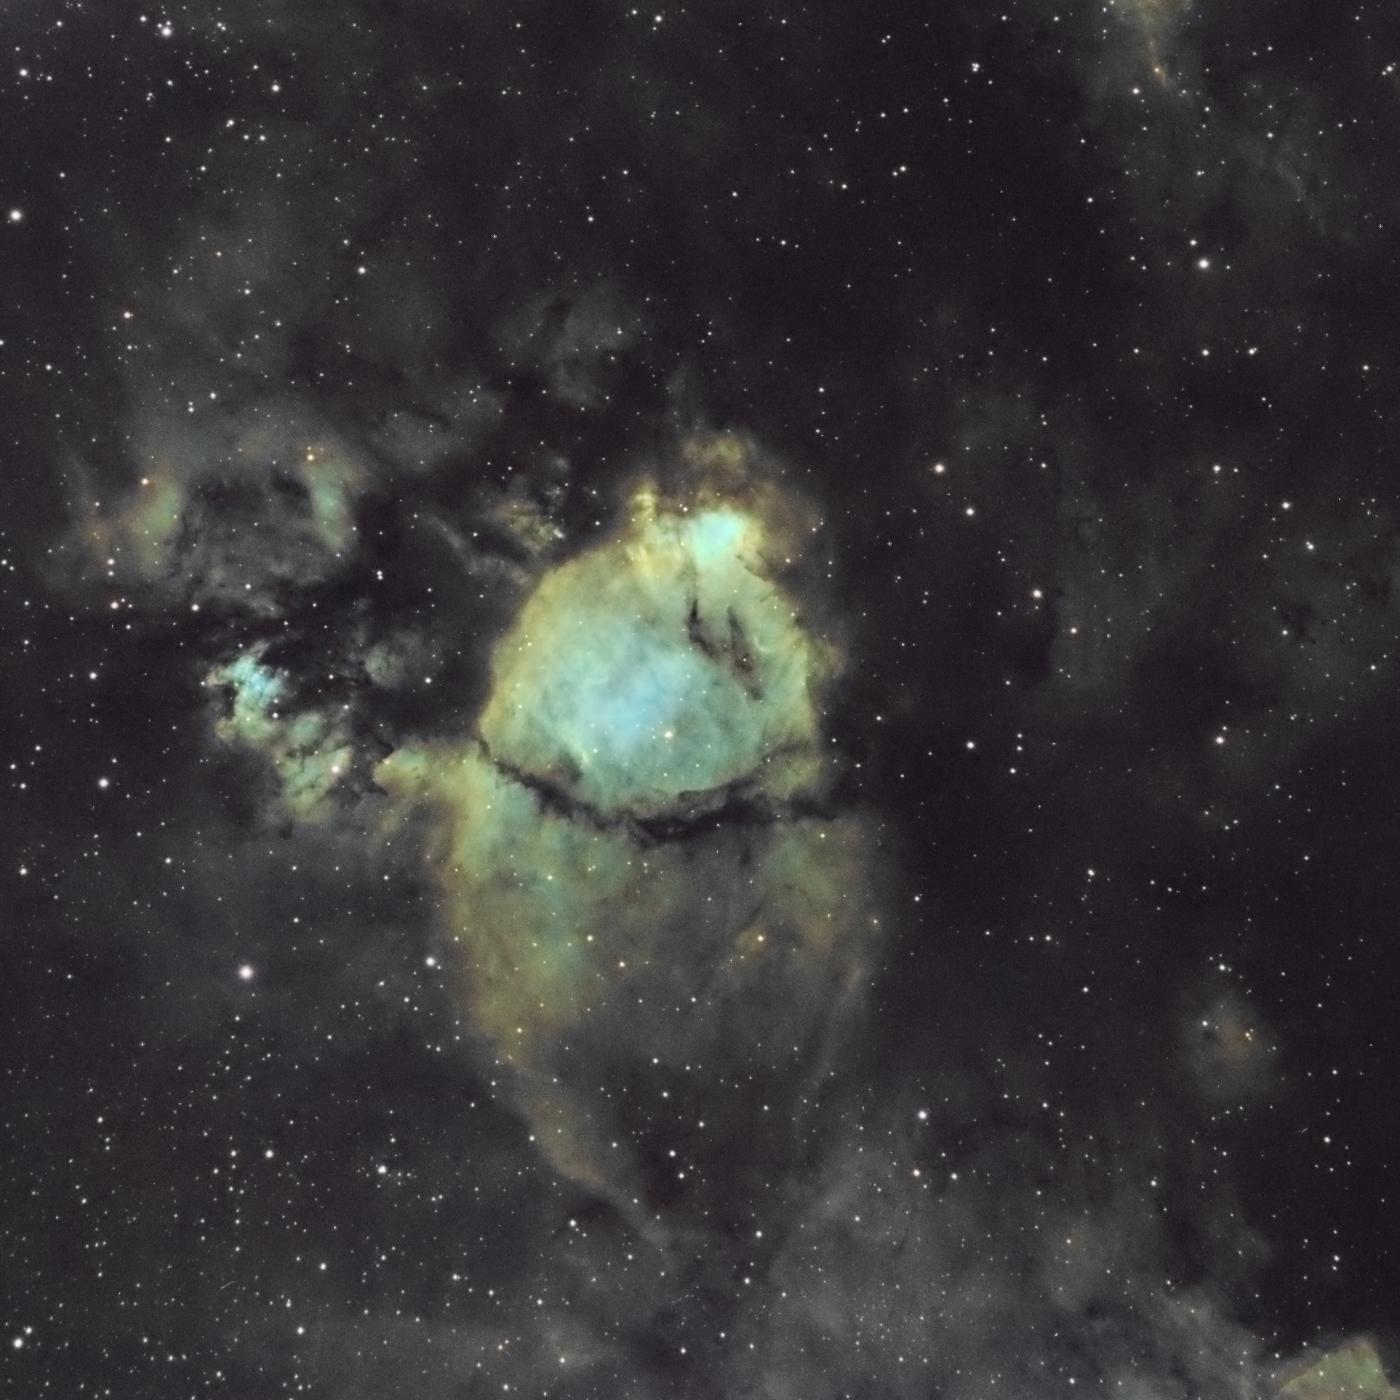 la nébuleuse NGC 896 (partie d'IC1805 la nébuleuse du coeur)